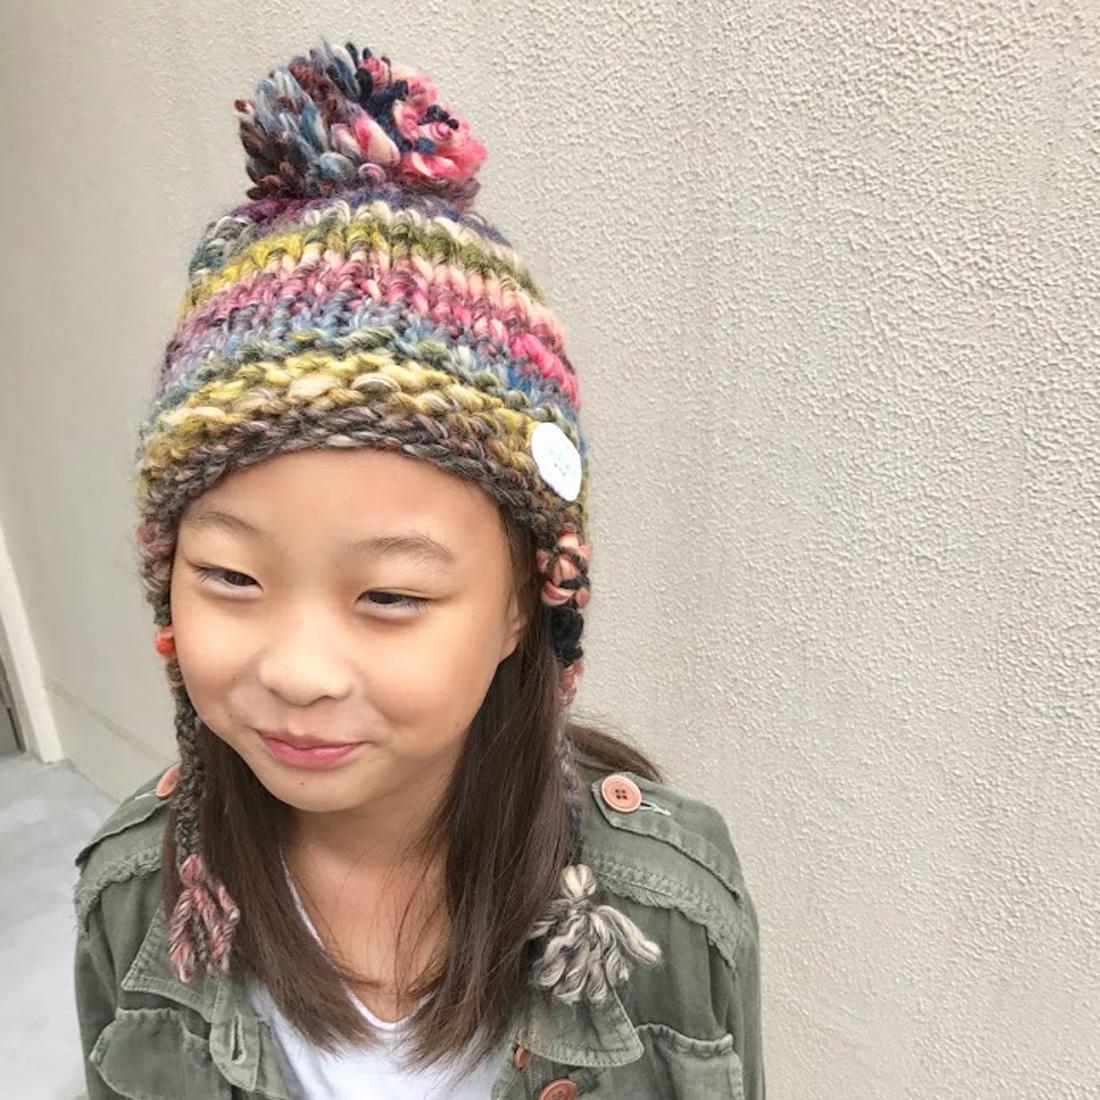 It Mamaコラボ ニット帽子 キッズサイズ L/JEWID-173151